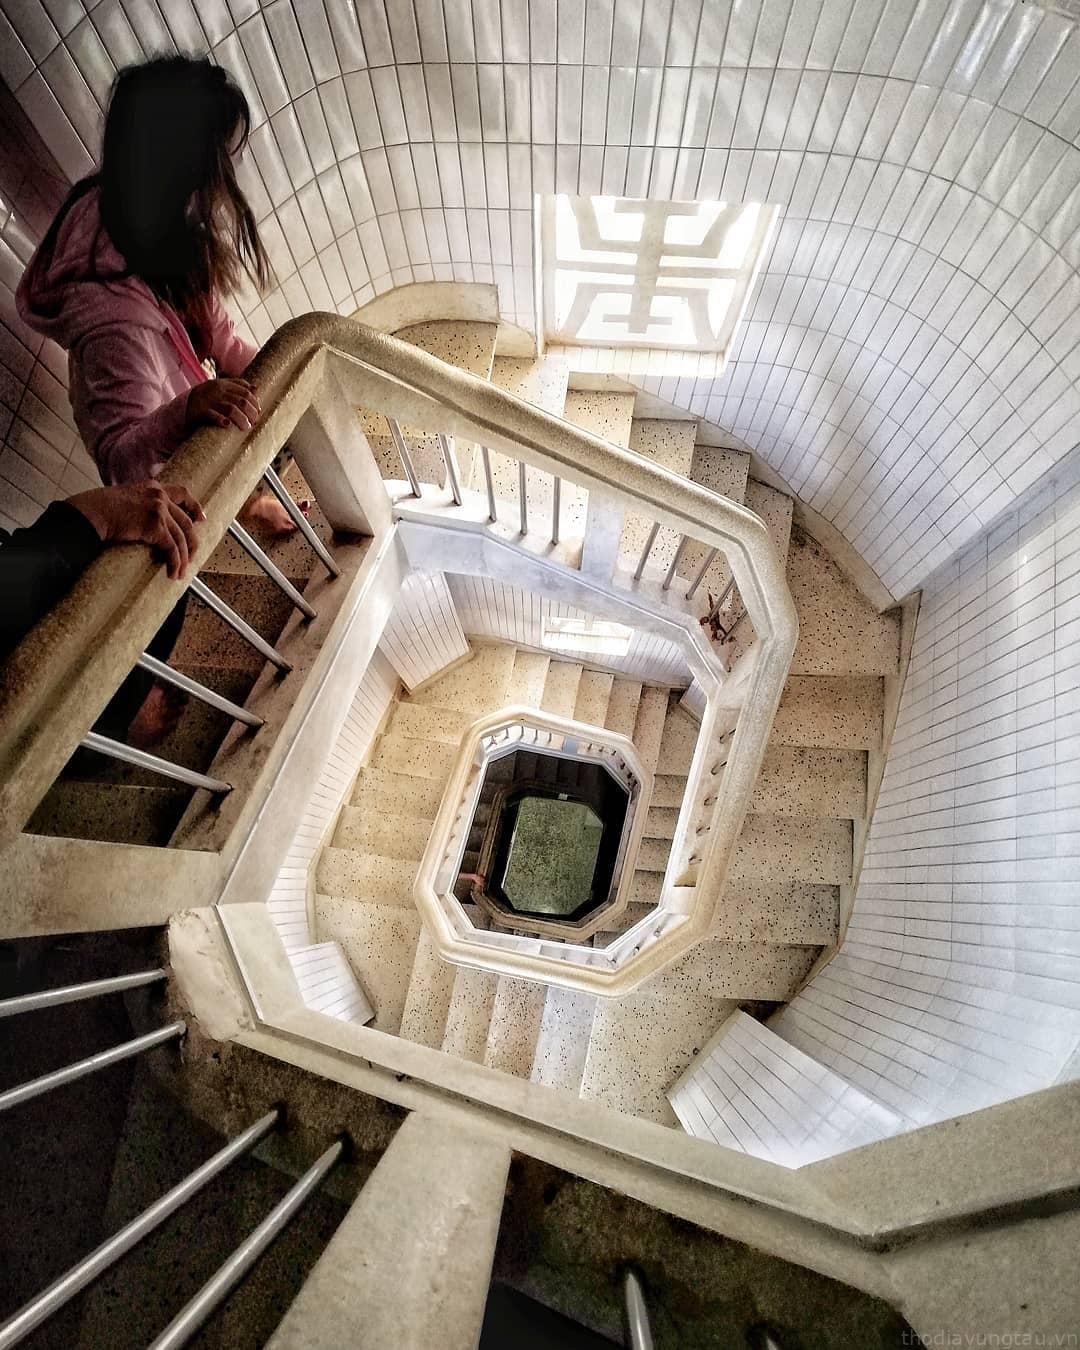 Cầu thang xoắn ốc bên trong tượng Chúa. Hình: Sưu tầm